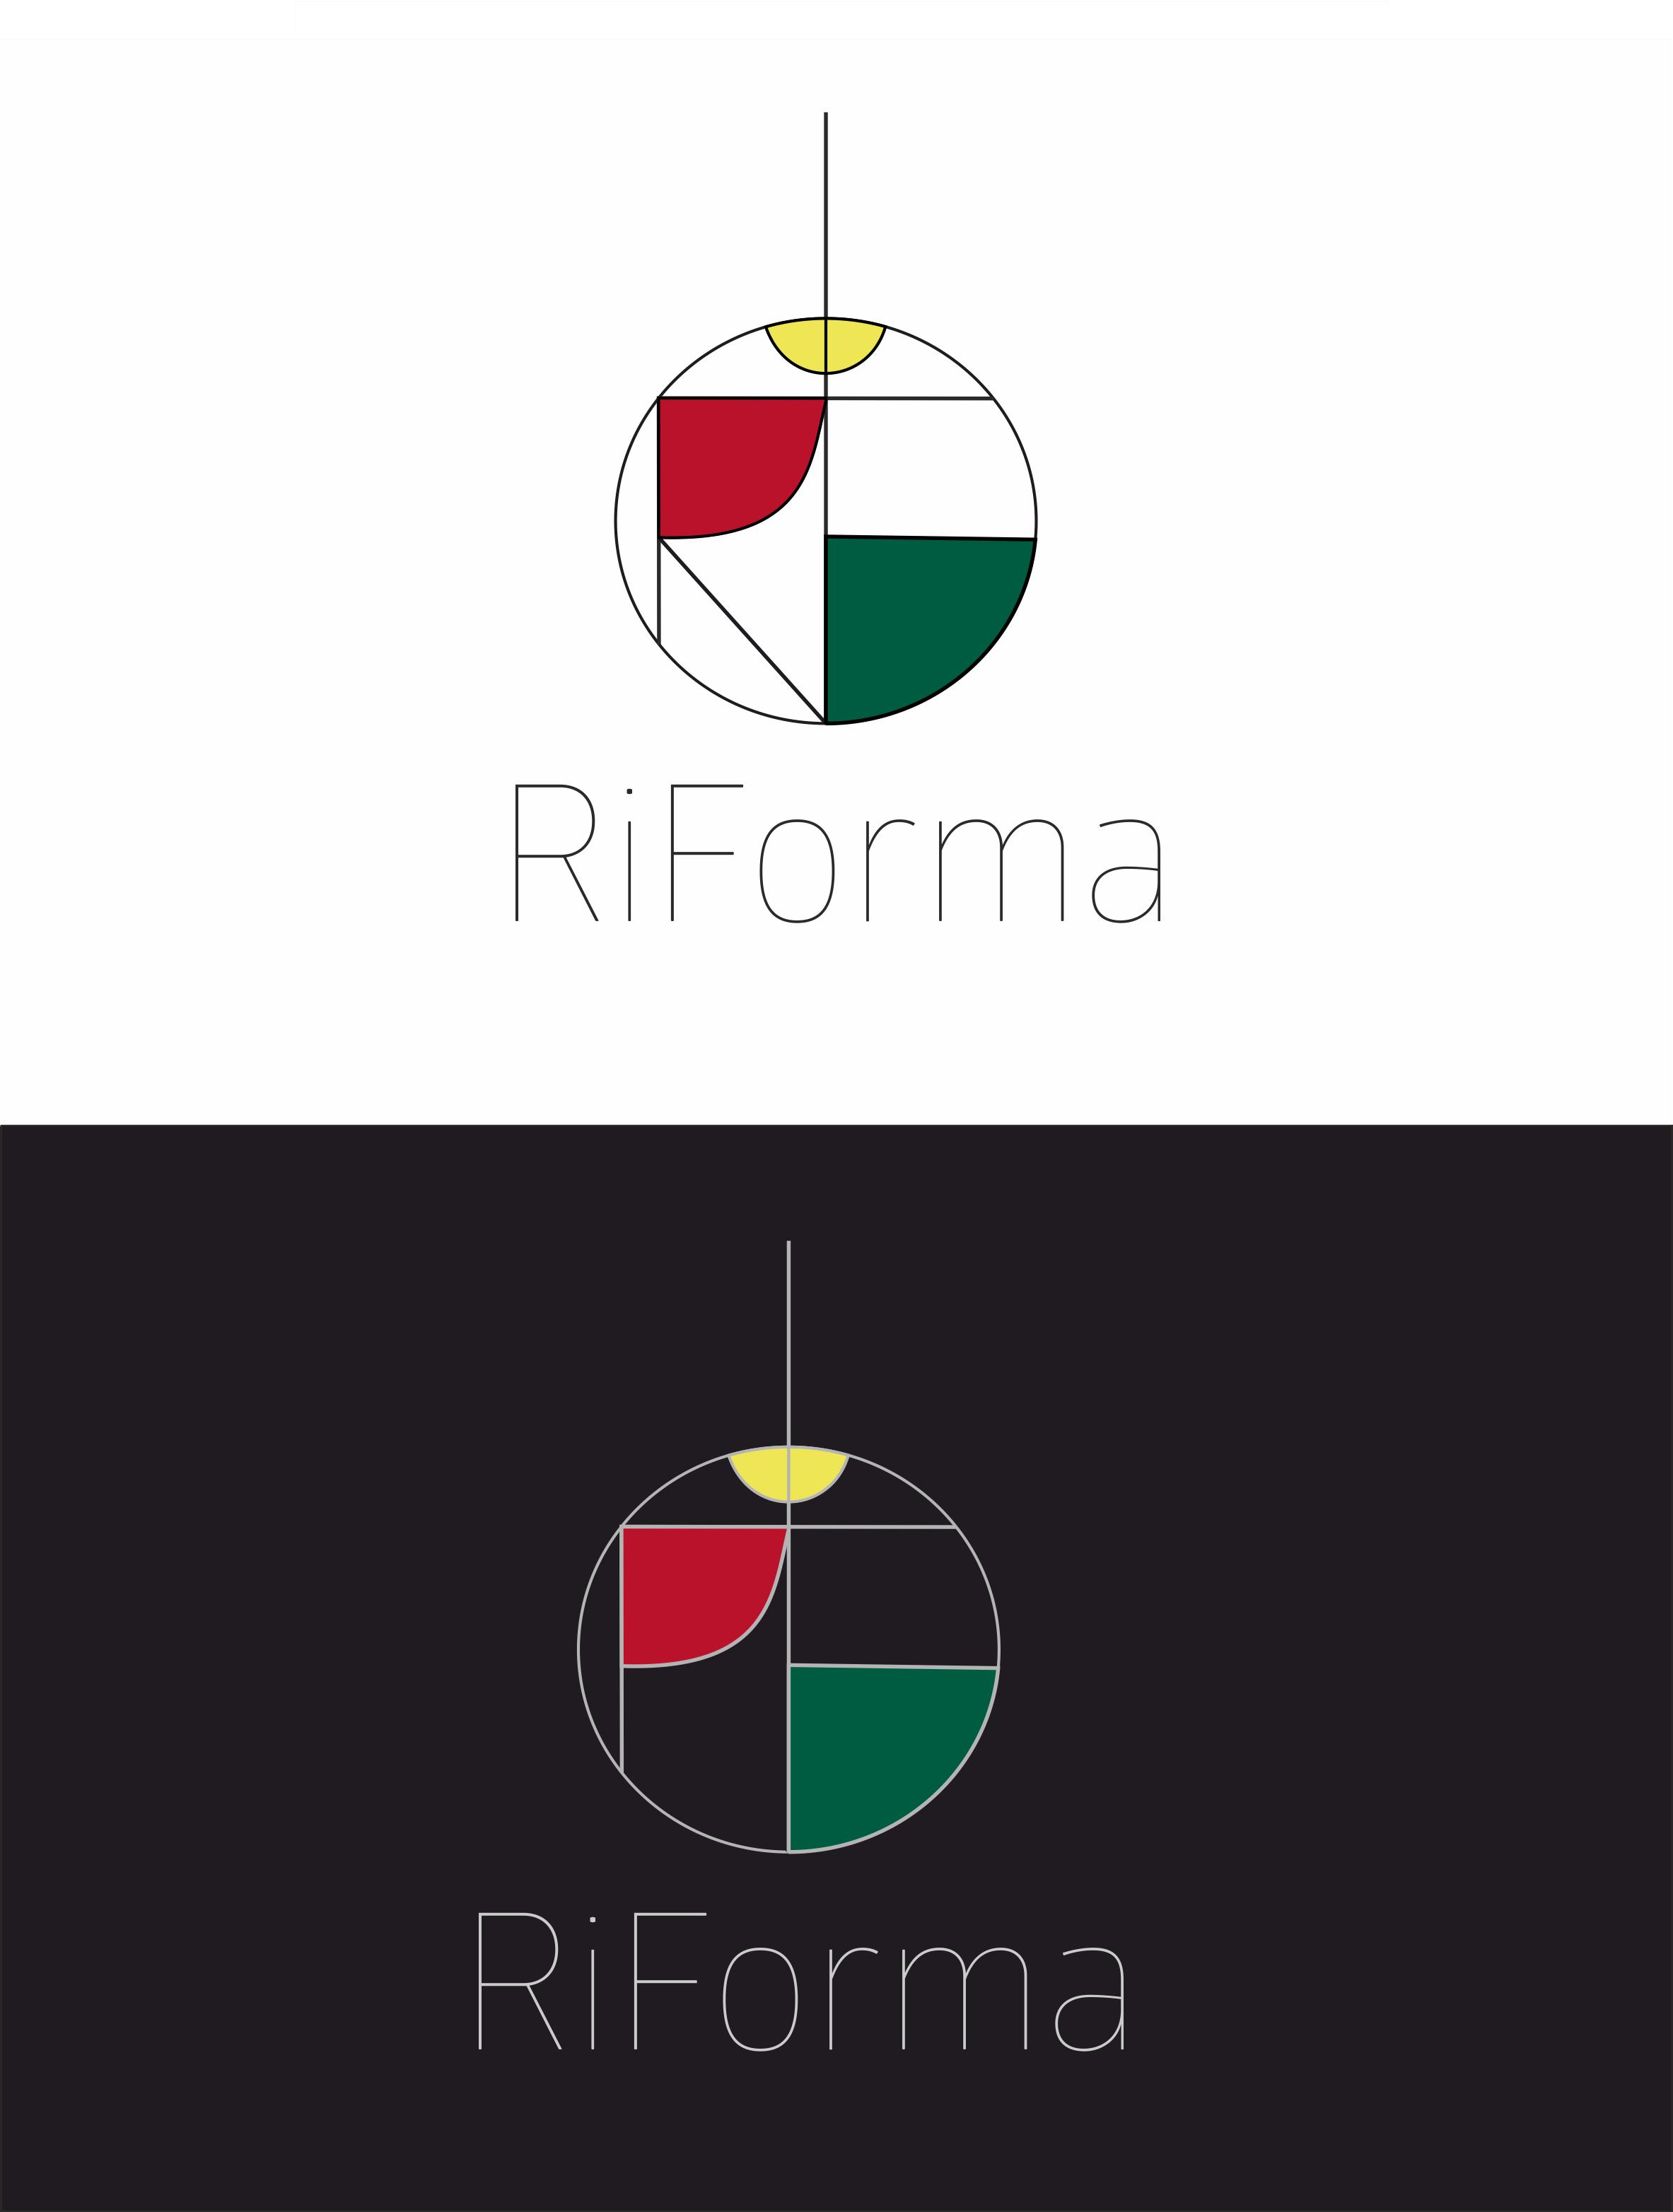 Разработка логотипа и элементов фирменного стиля фото f_33757a32c947c83f.png